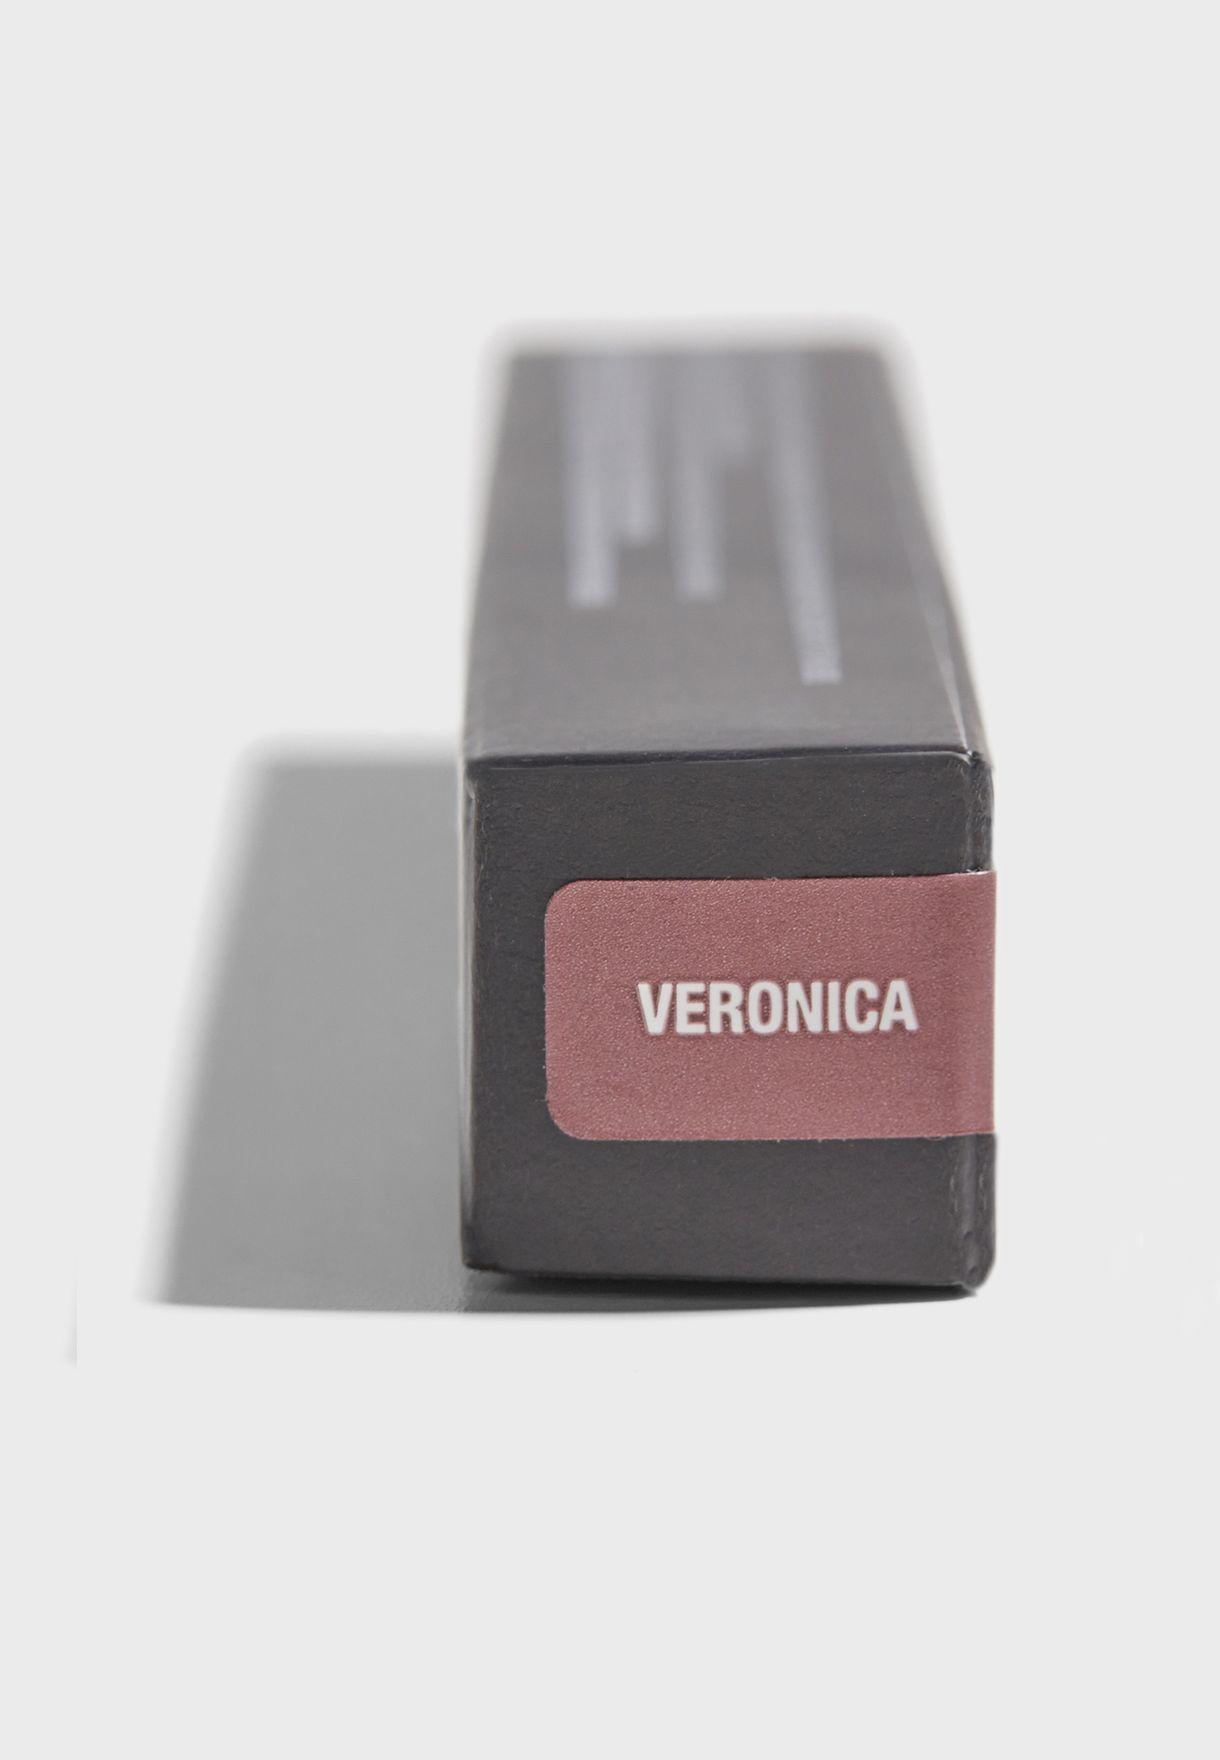 احمر شفاه سائل - فيرونيكا